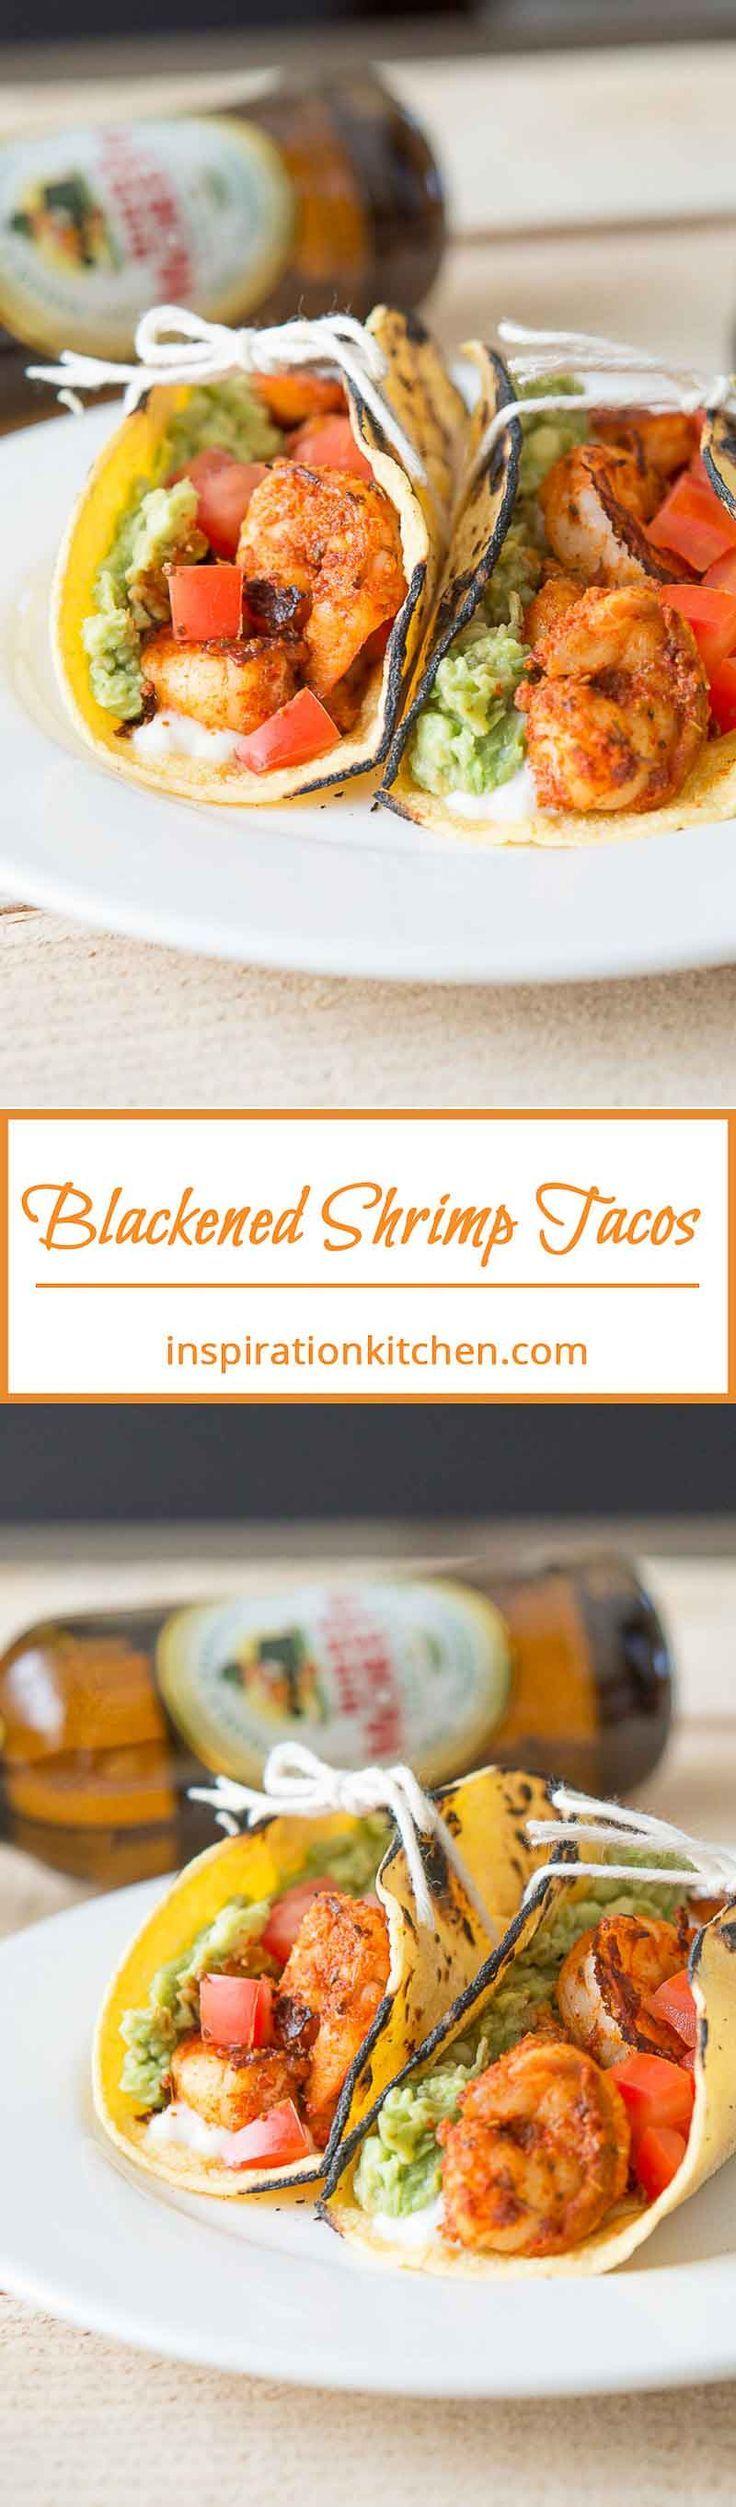 Blackened Shrimp Tacos Queso Fresco Collage | Inspiration Kitchen  #shrimp #blackenedshrimp #tacos #shrimptacos #recipe